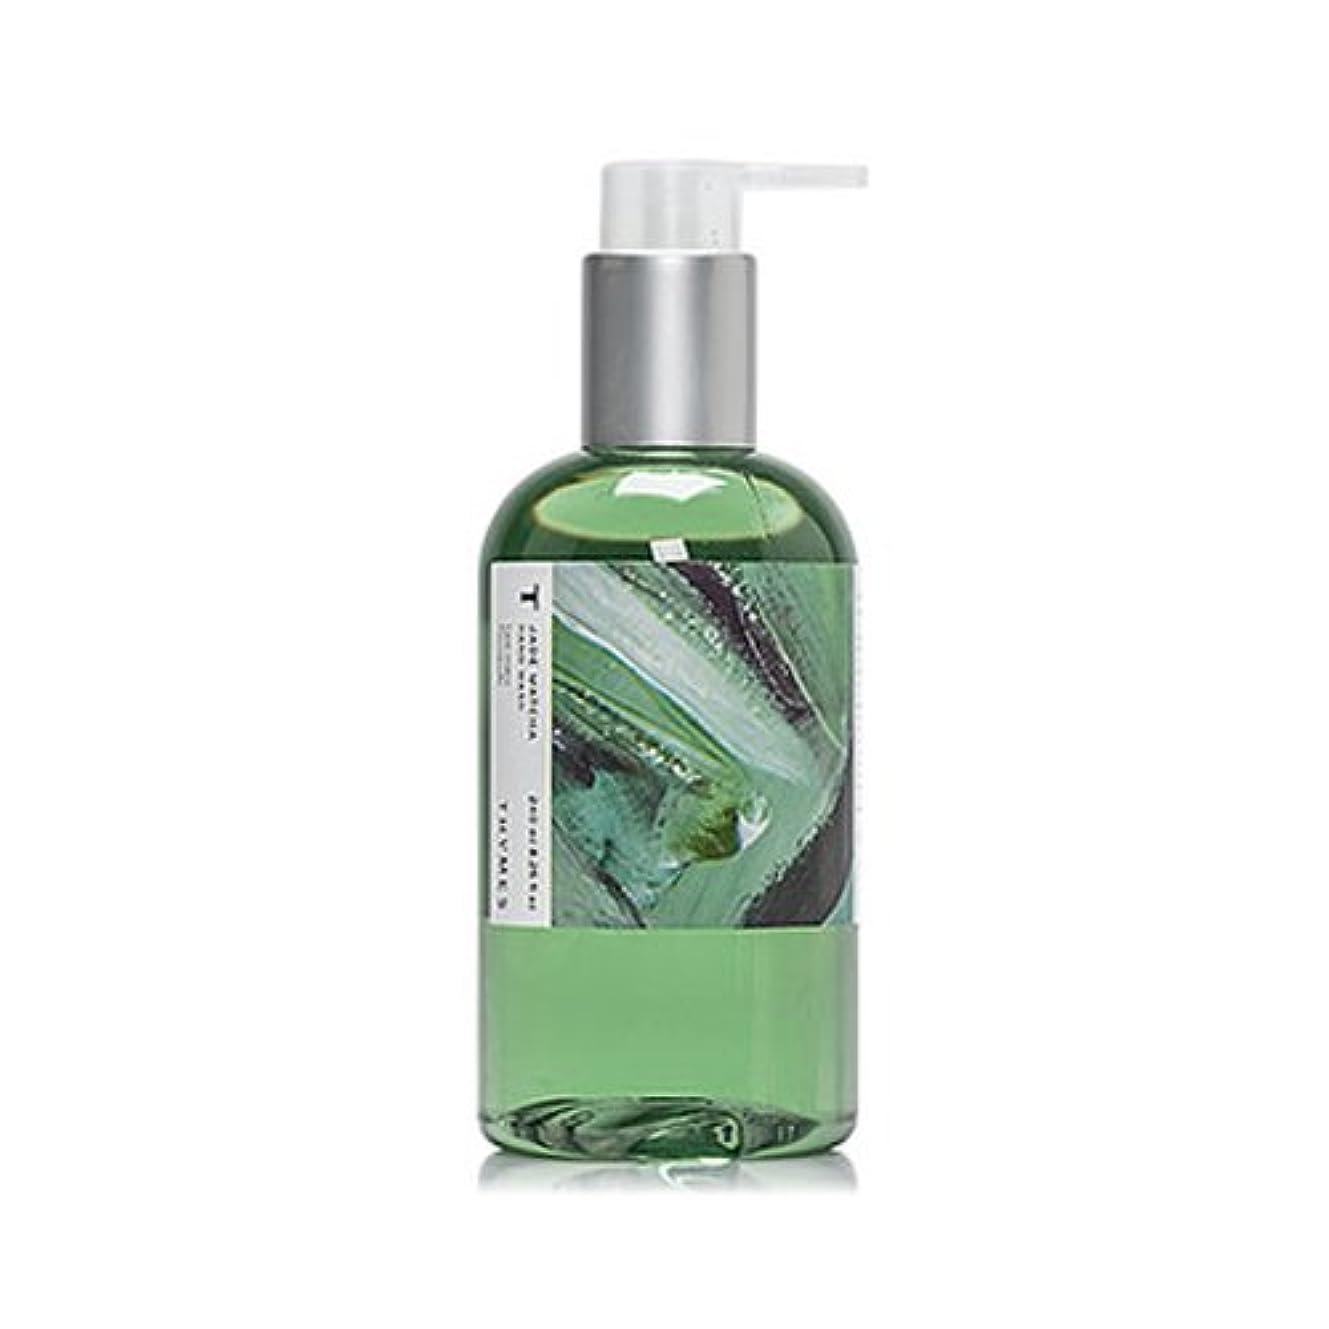 熱望する分割マウントTHYMES タイムズ ハンドウォッシュ 240ml ジェイド抹茶 Hand Wash 8.25 fl oz Jade Matcha [並行輸入品]